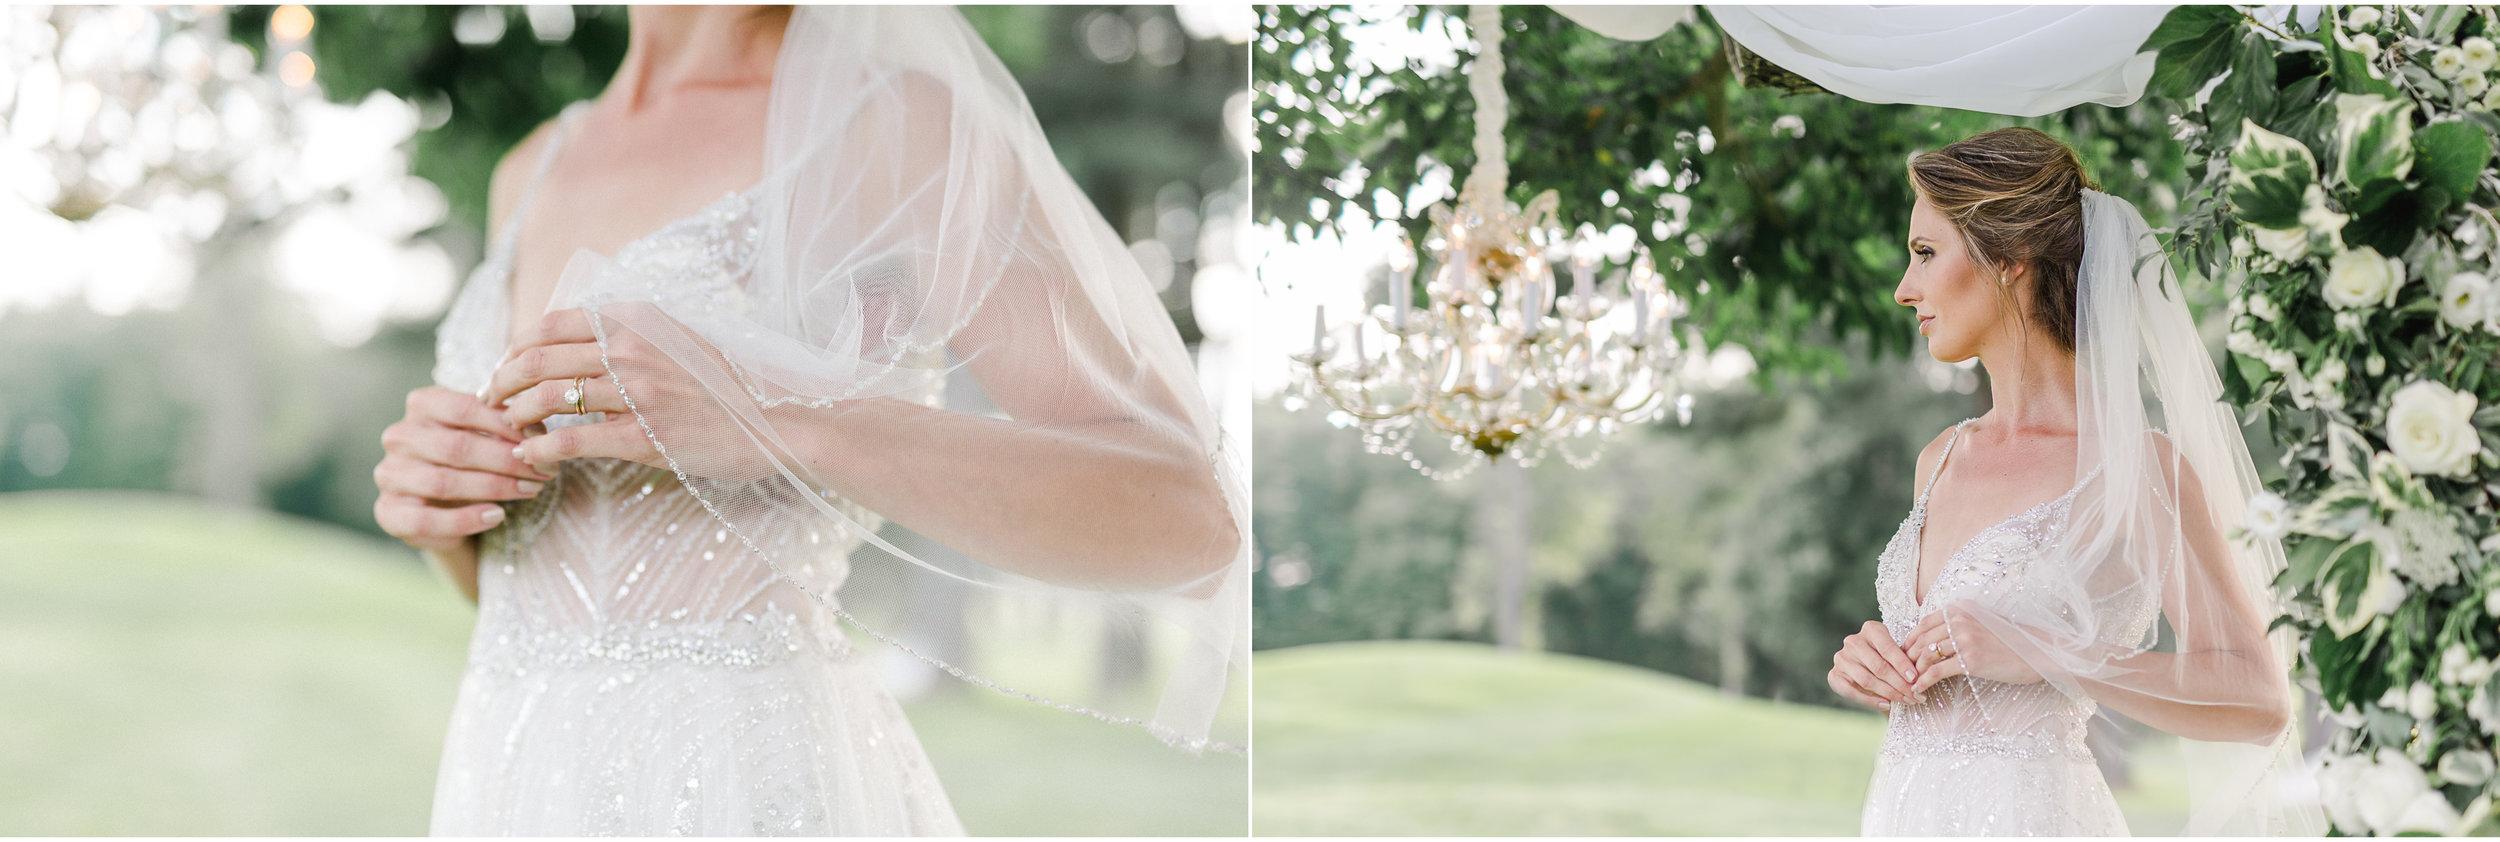 Elegant Wedding Shoot in Sharon, Massachusetts 9.jpg